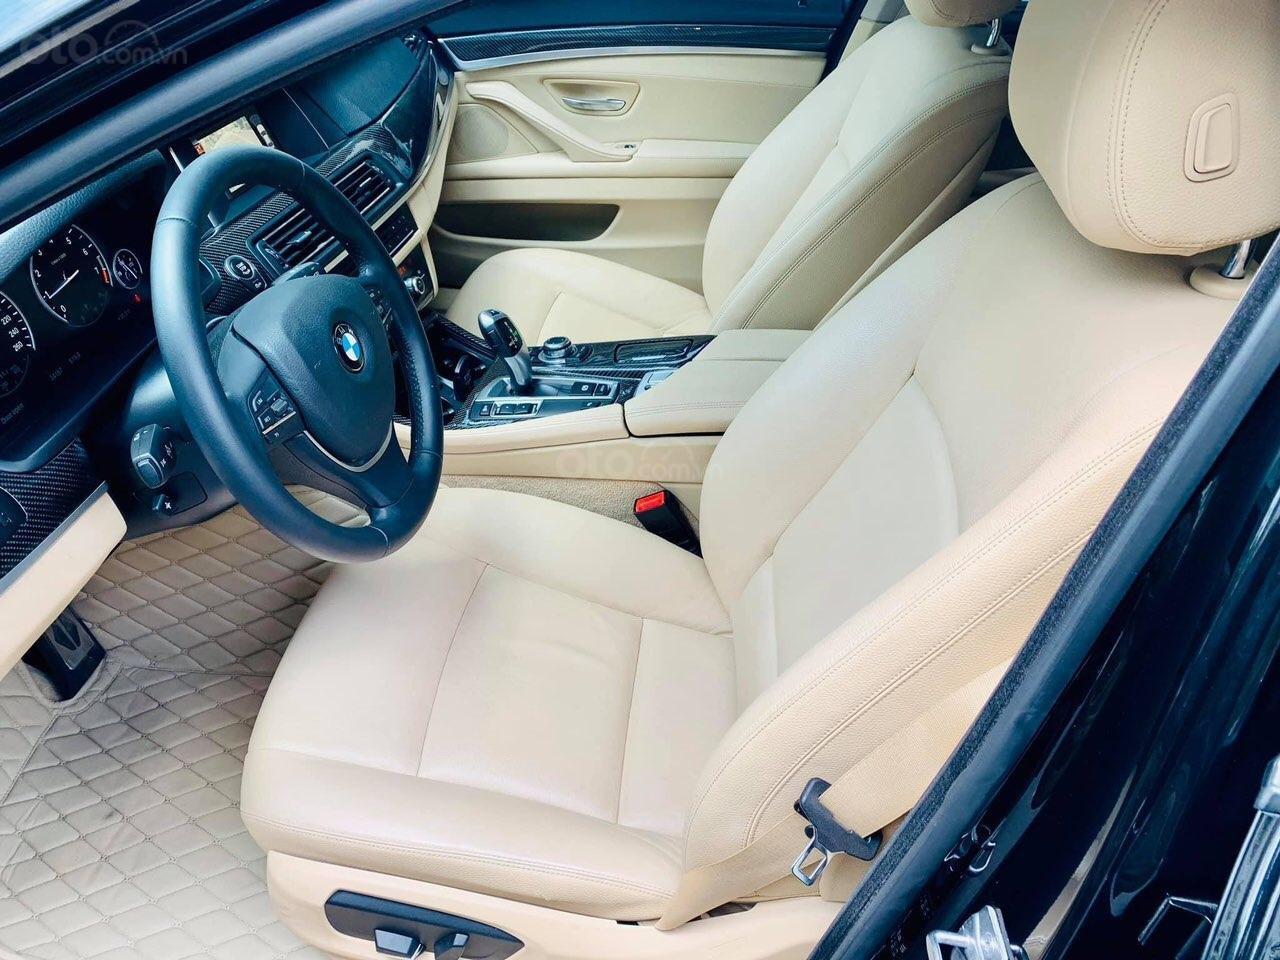 Bán ô tô BMW 1 Series tom đời 2016, nhập khẩu (3)